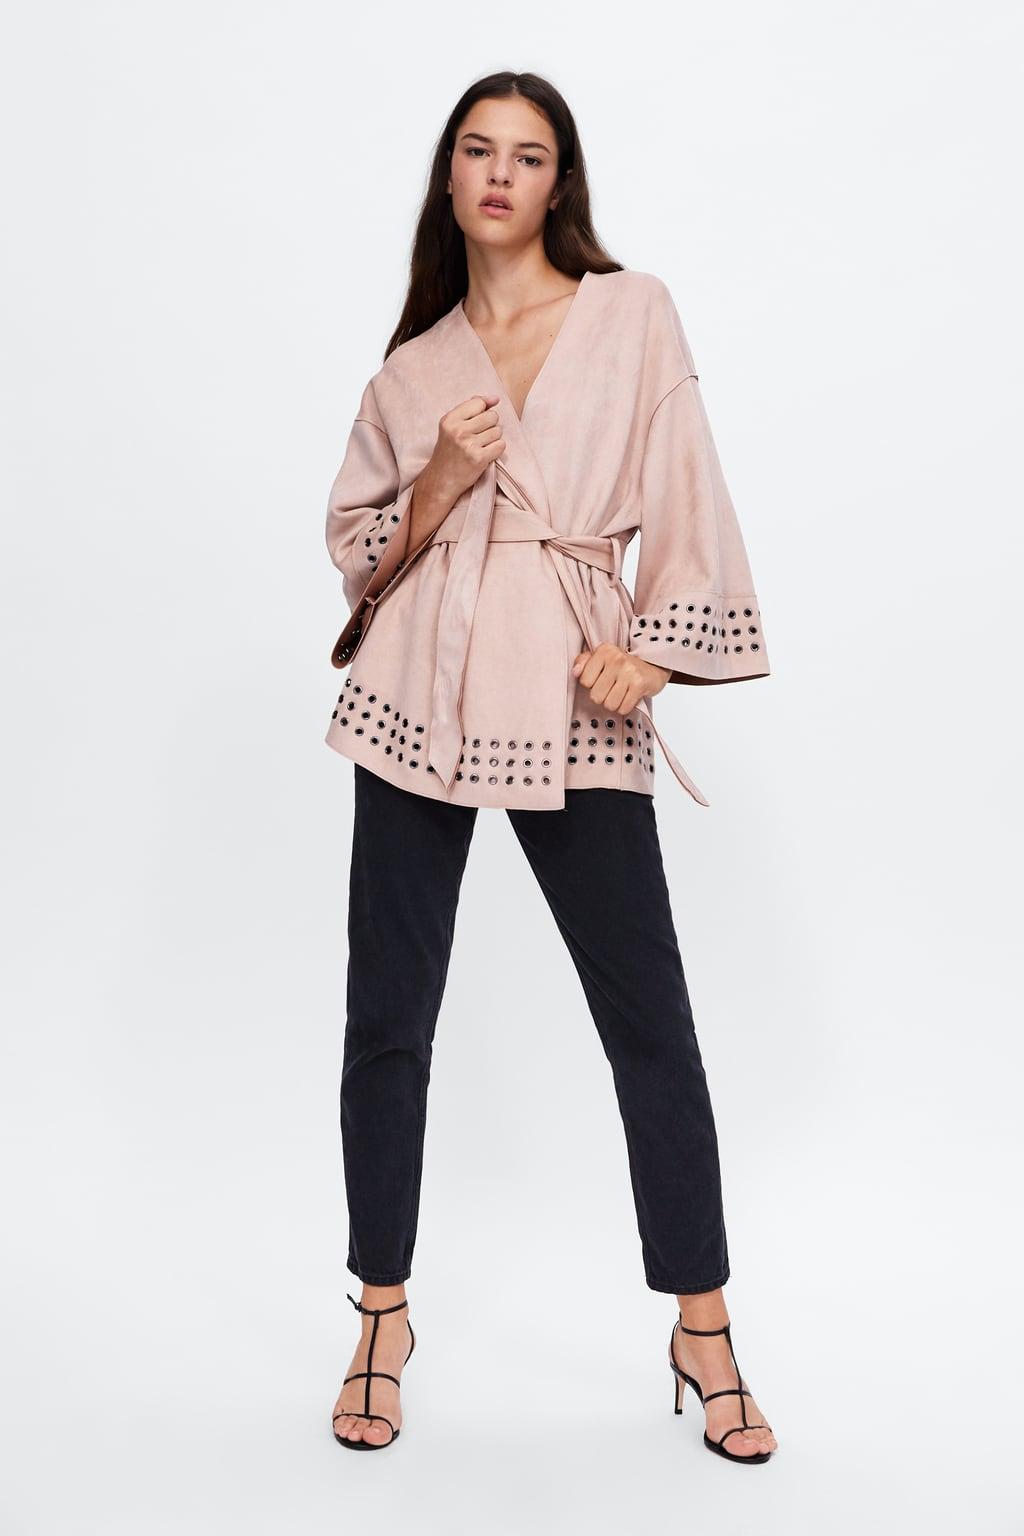 distribuidor mayorista ac407 549c7 Kimonos en Zara desde 29.95 euros   Noticias De